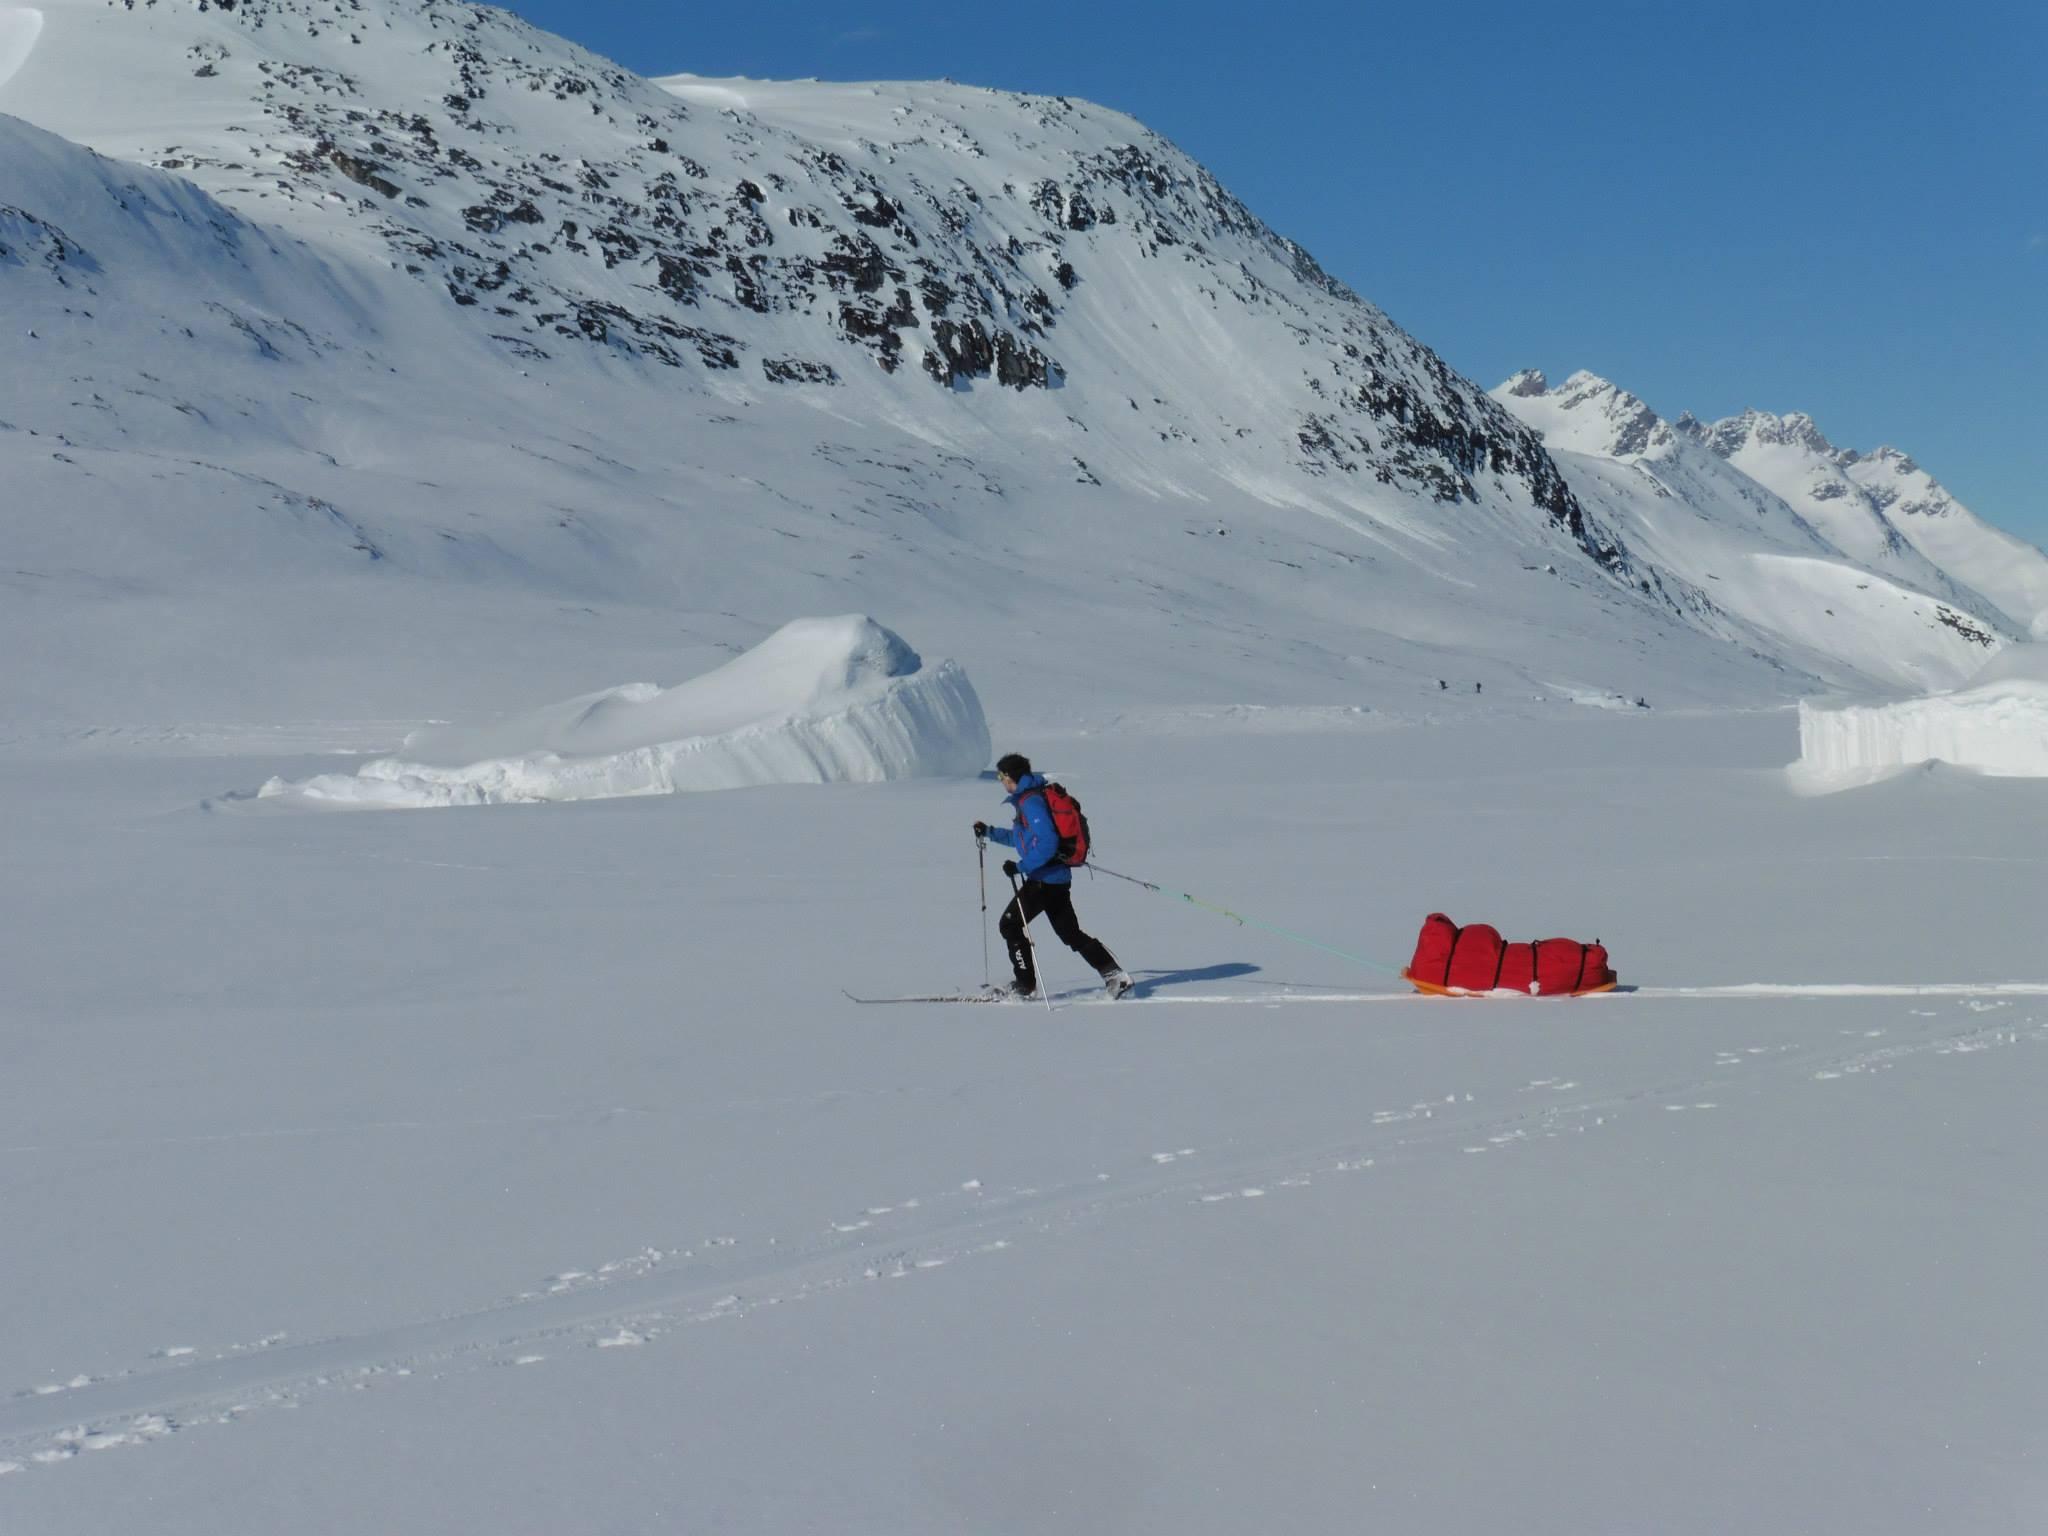 f5353e13c4 Matthieu Tordeur : Tentative de Première Française sur la Traversée de  l'Antarctique en solitaire, sans assistance et en totale autonomie